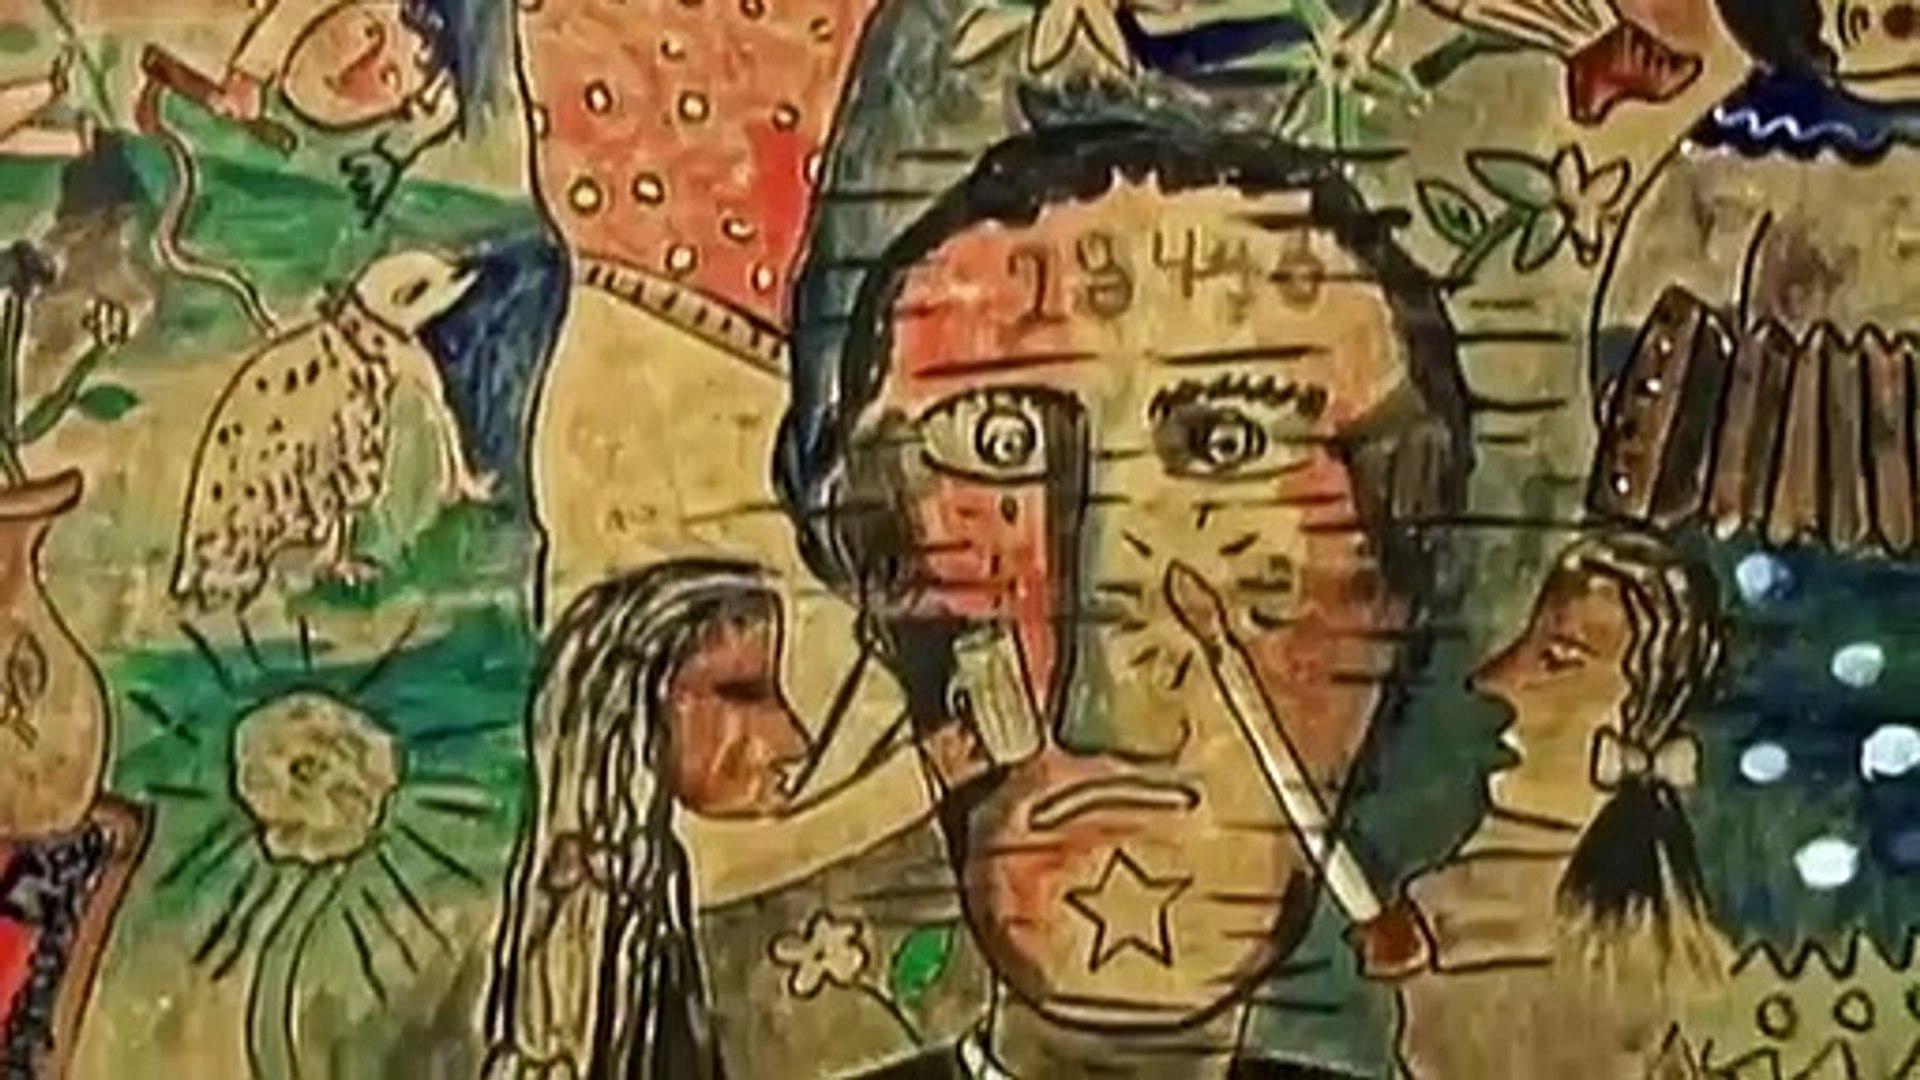 Cícero Dias, o Compadre de Picasso | Cícero Dias, the Compadre of Picasso - COMPETIÇÃO BR: LONGAS